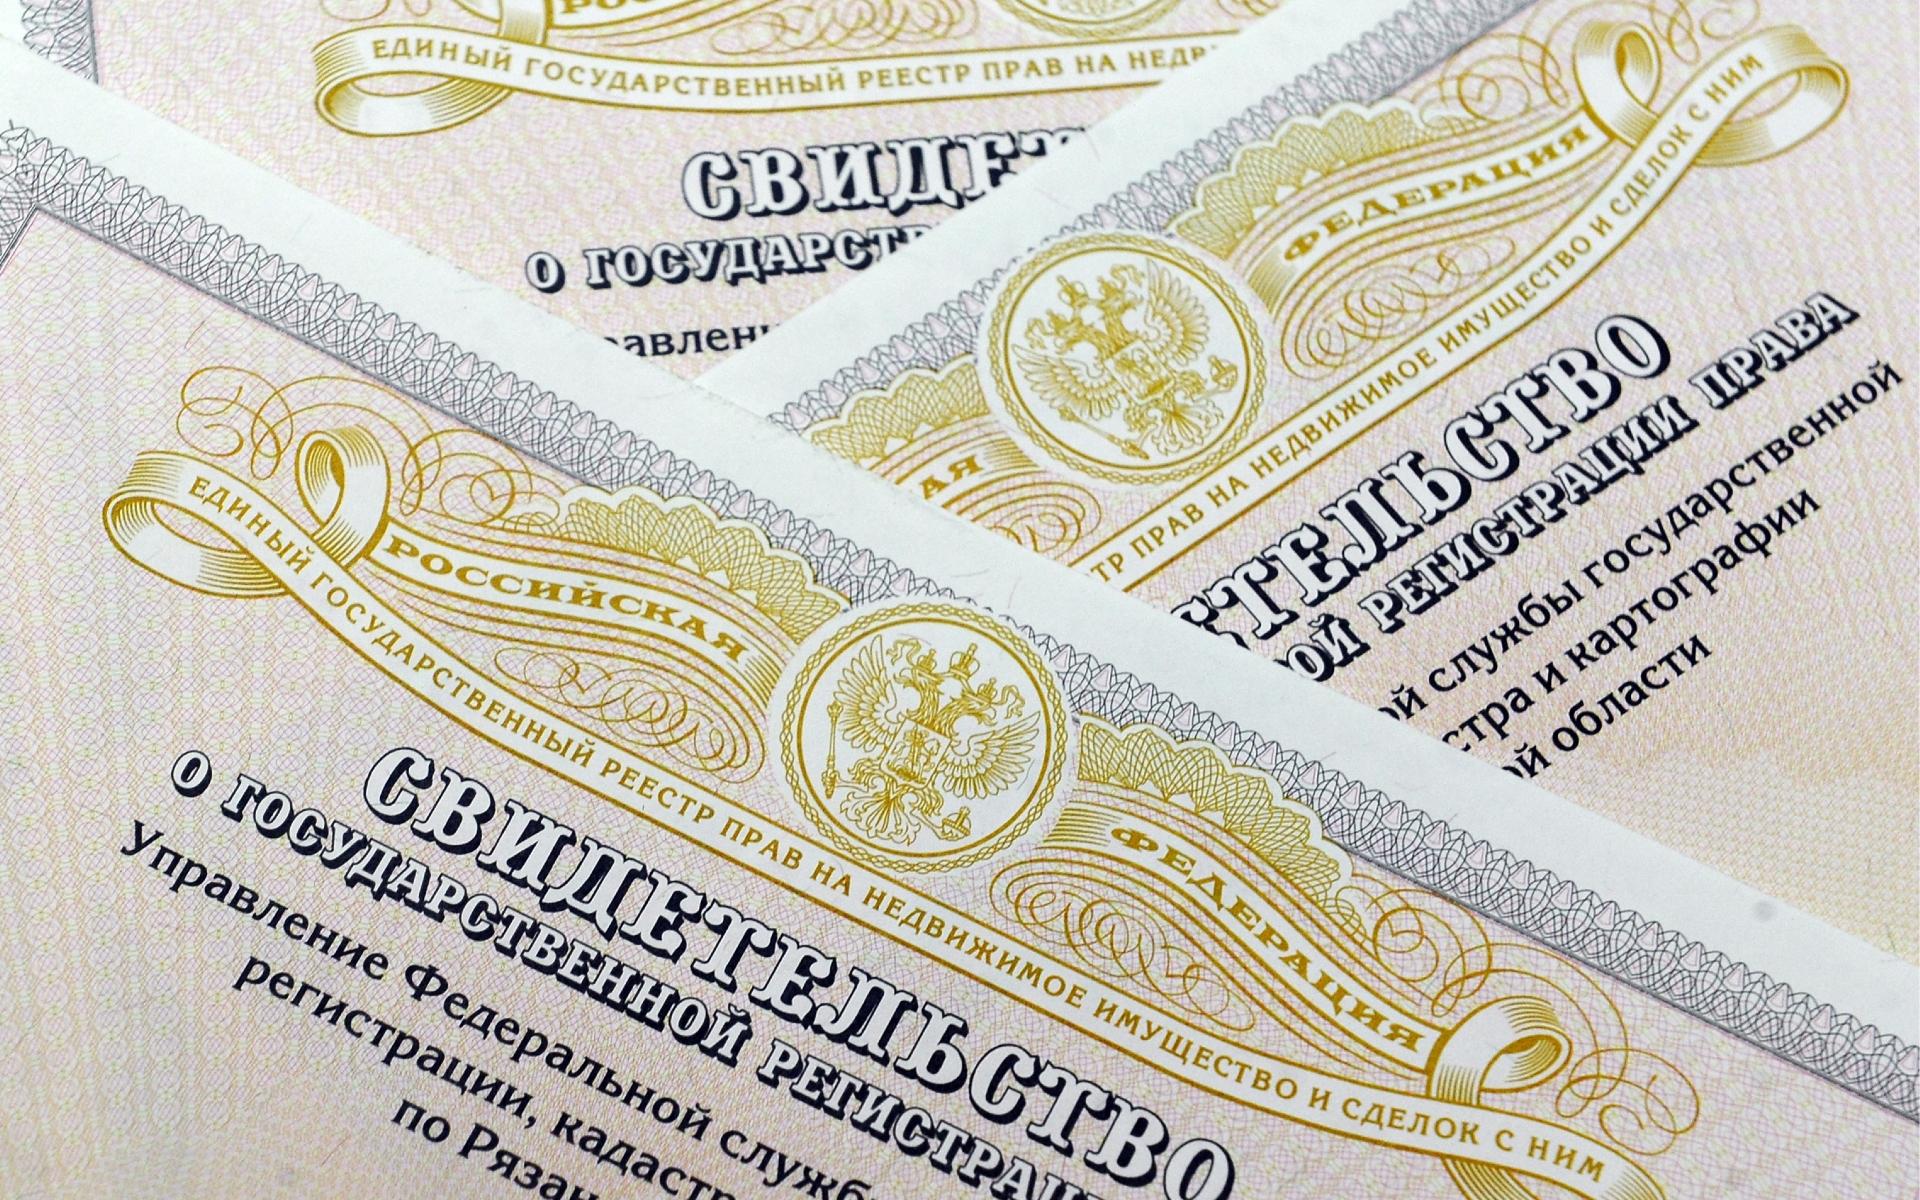 Сделки с нежилой недвижимостью в Москве бьют рекорды